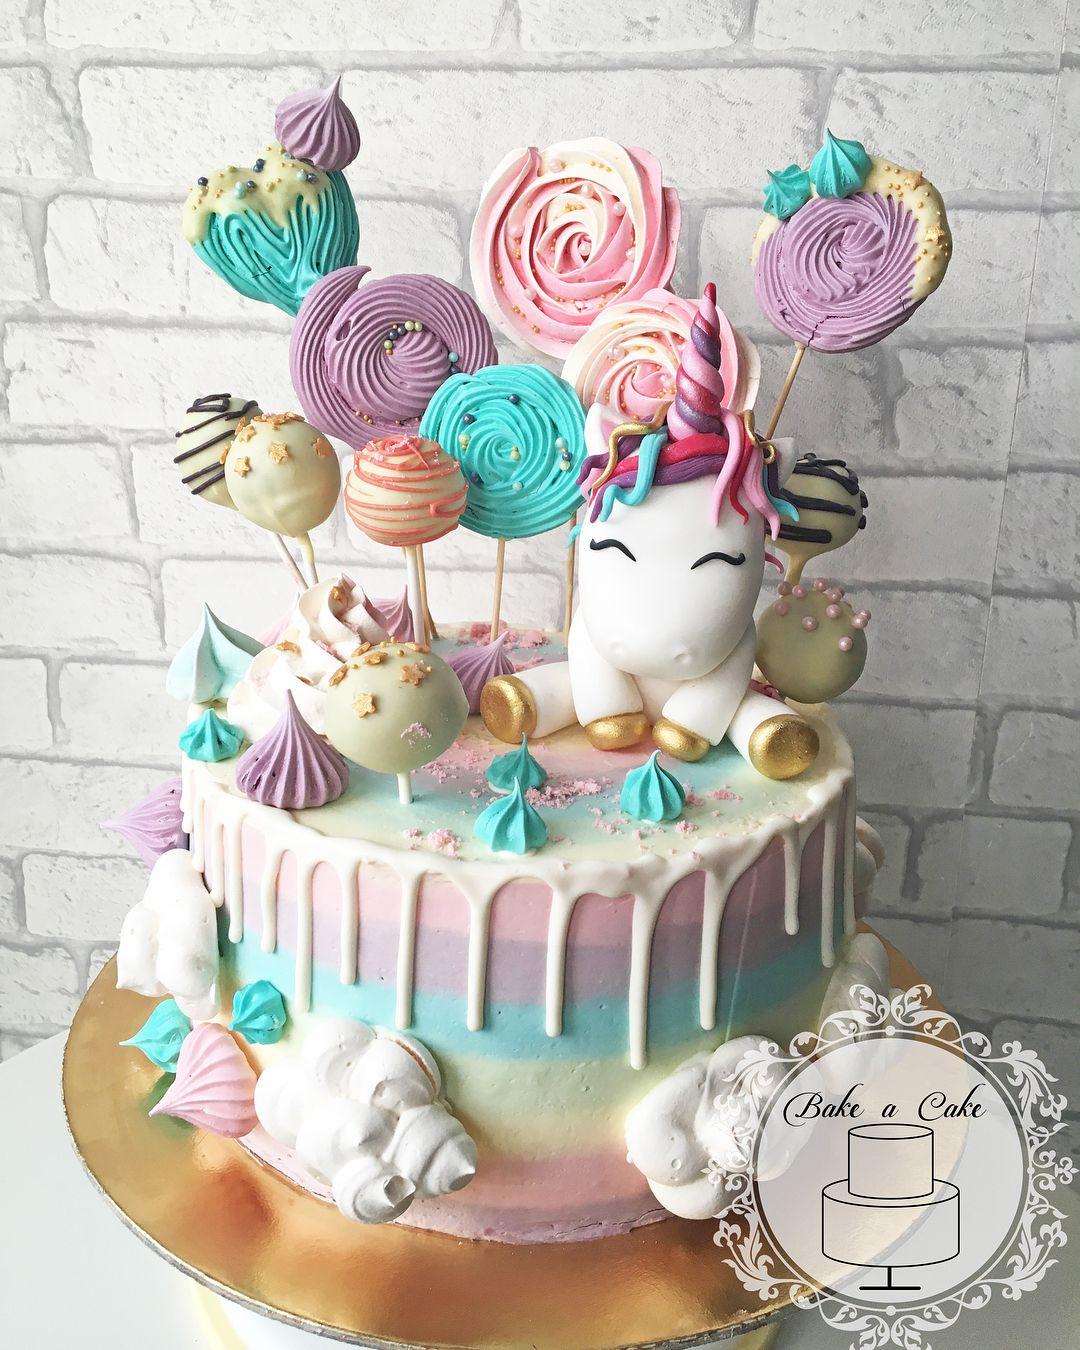 16 Best Instagram Unicorn Cakes And Party Decor Ideas Unicorn Cake Design Unicorn Birthday Cake Cake